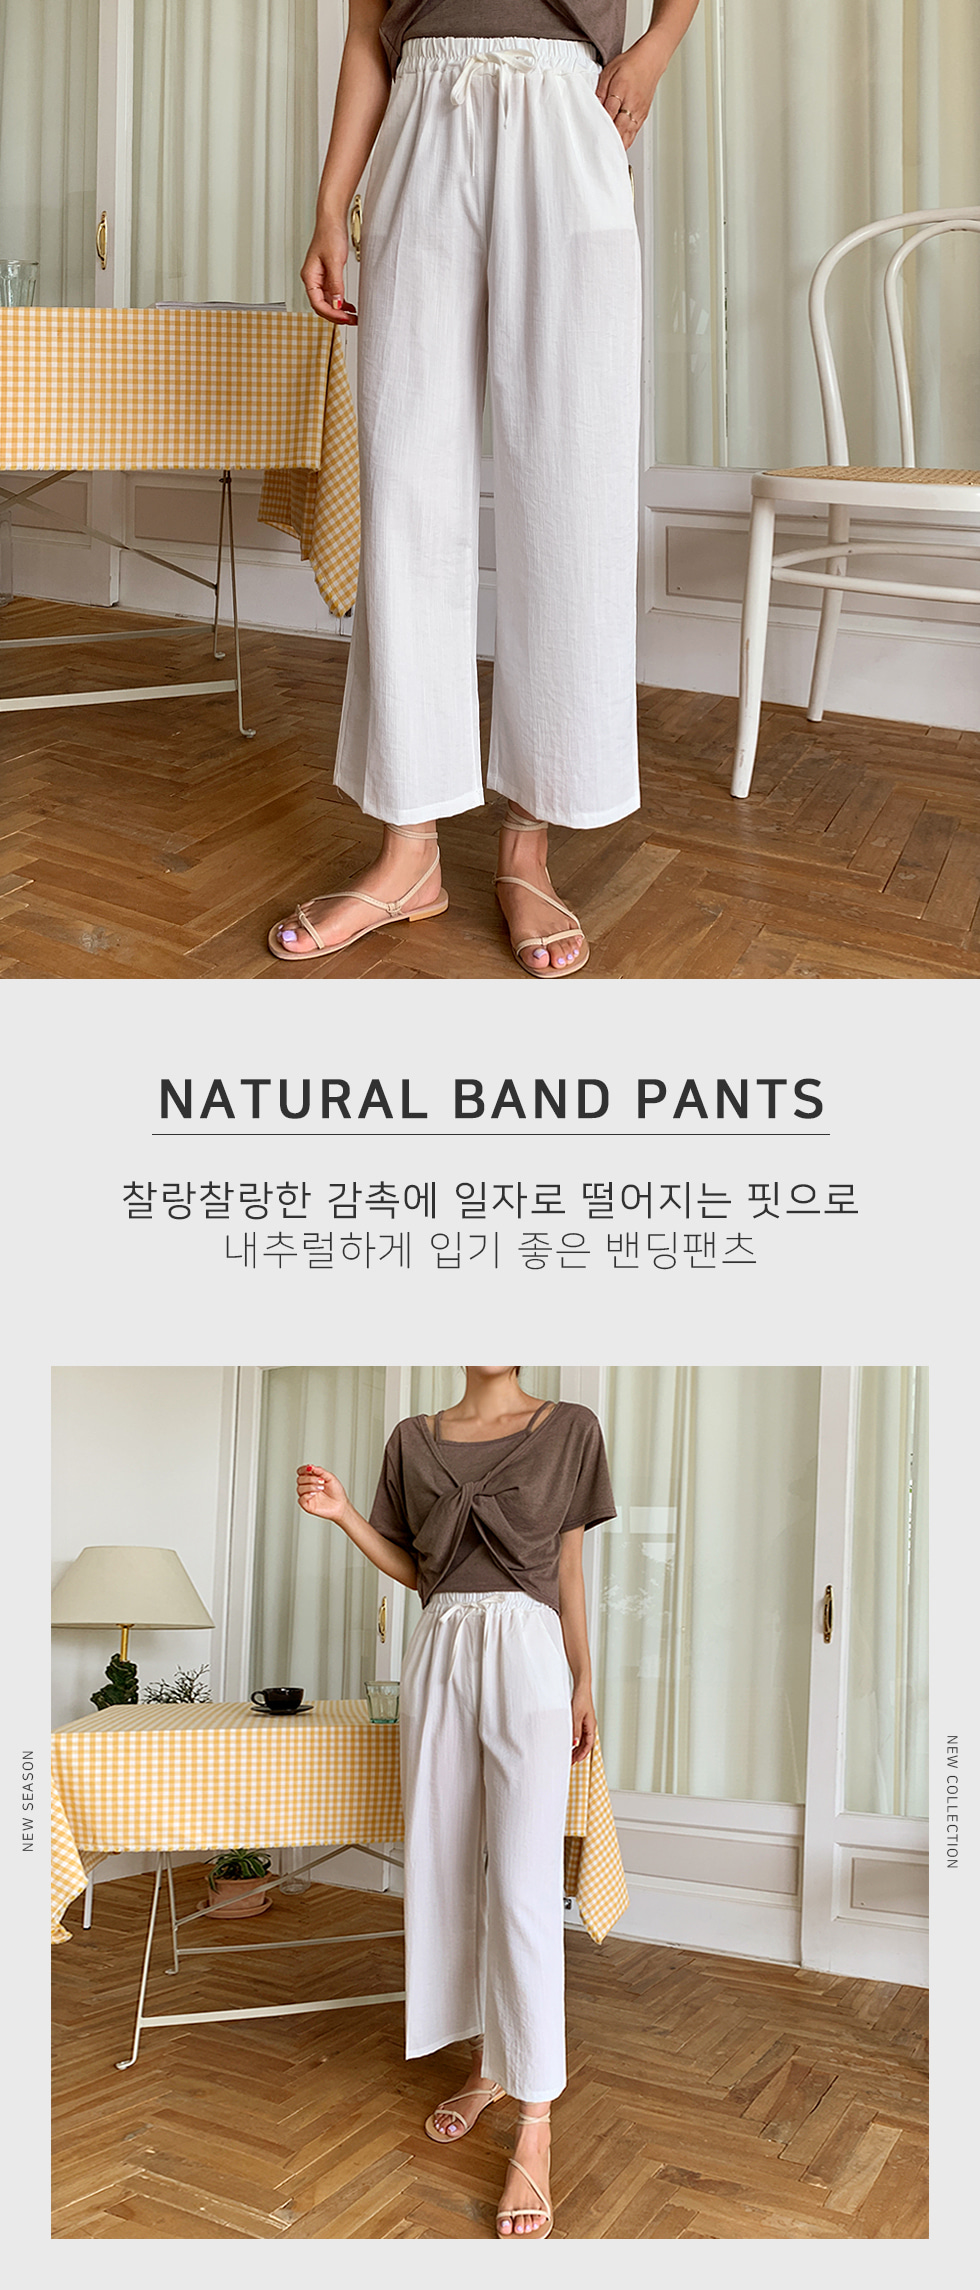 Natural mood band pants